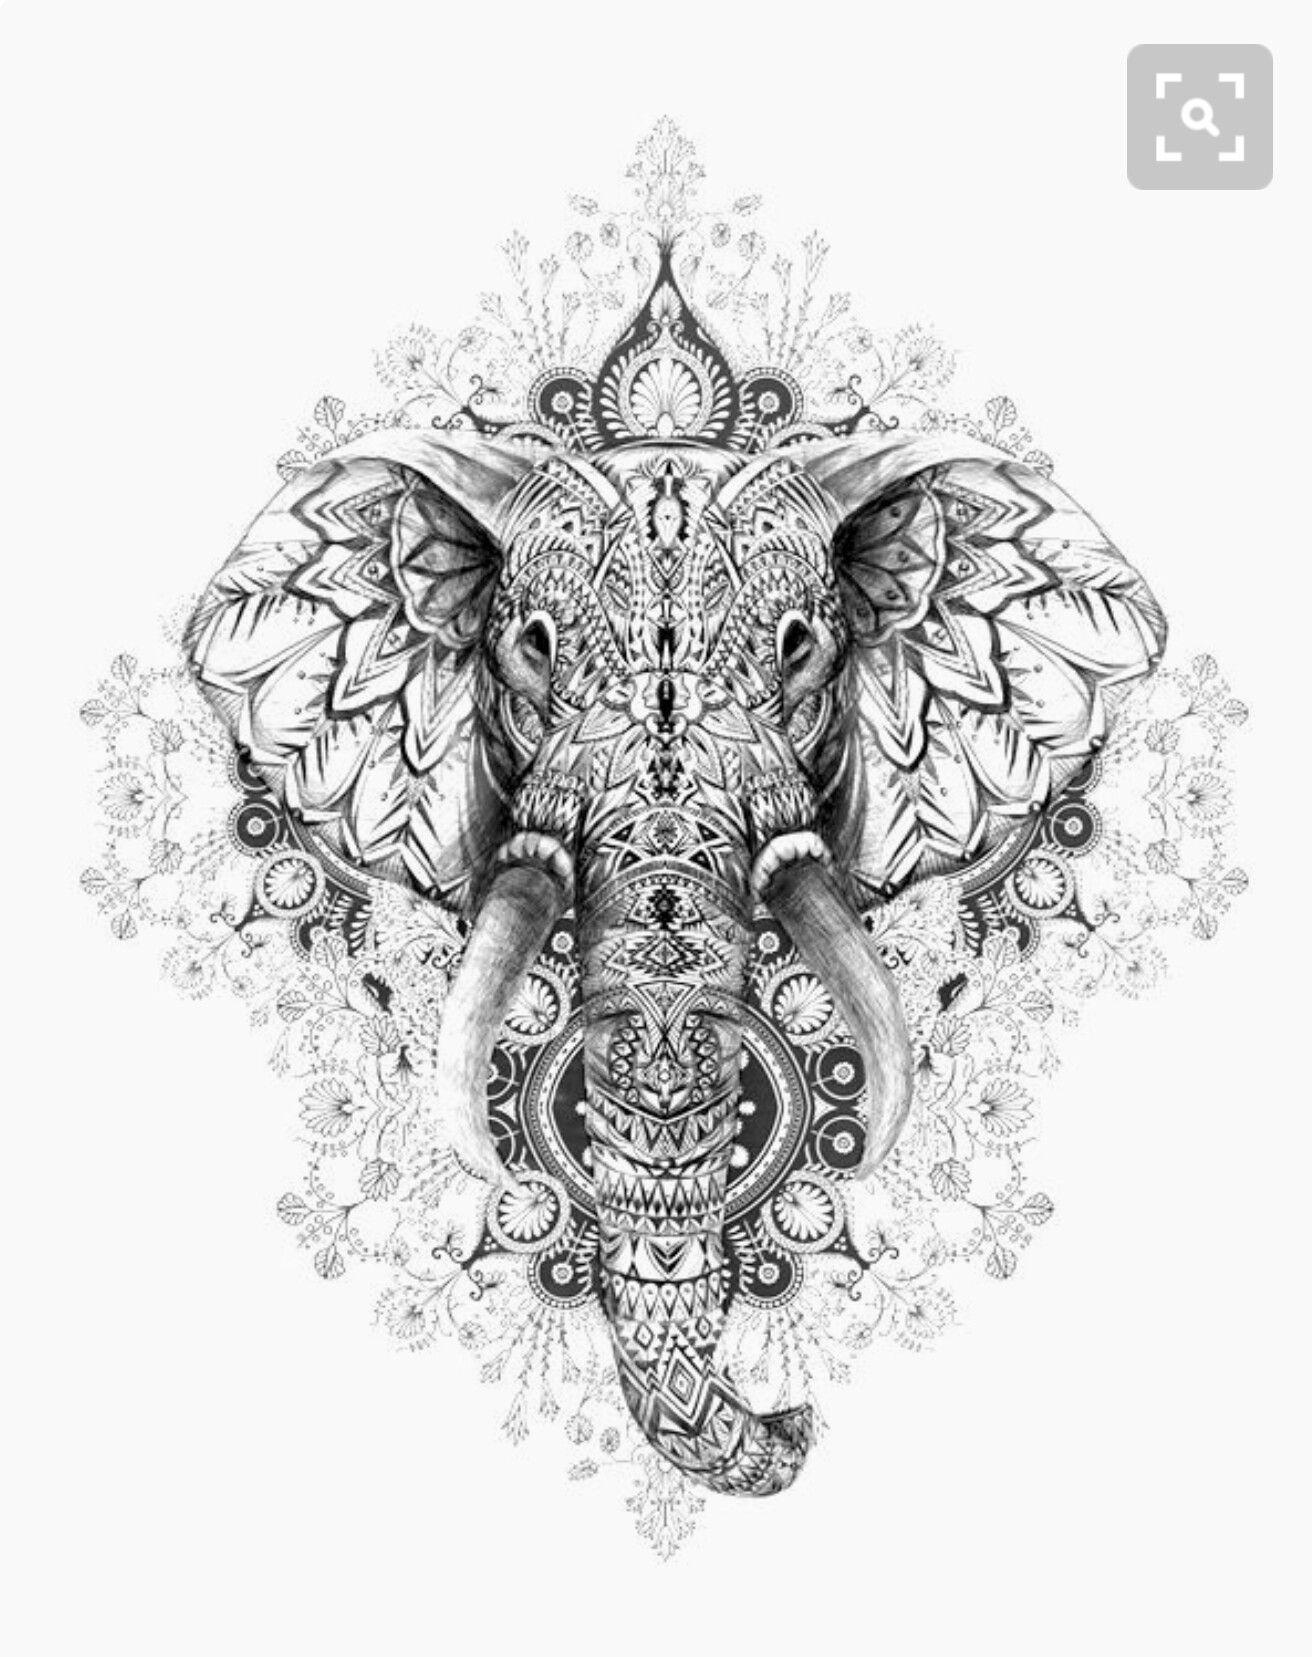 Pin by Laura Borredat Rodriguez on Lau | Pinterest | Tattoo, Tattoo ...